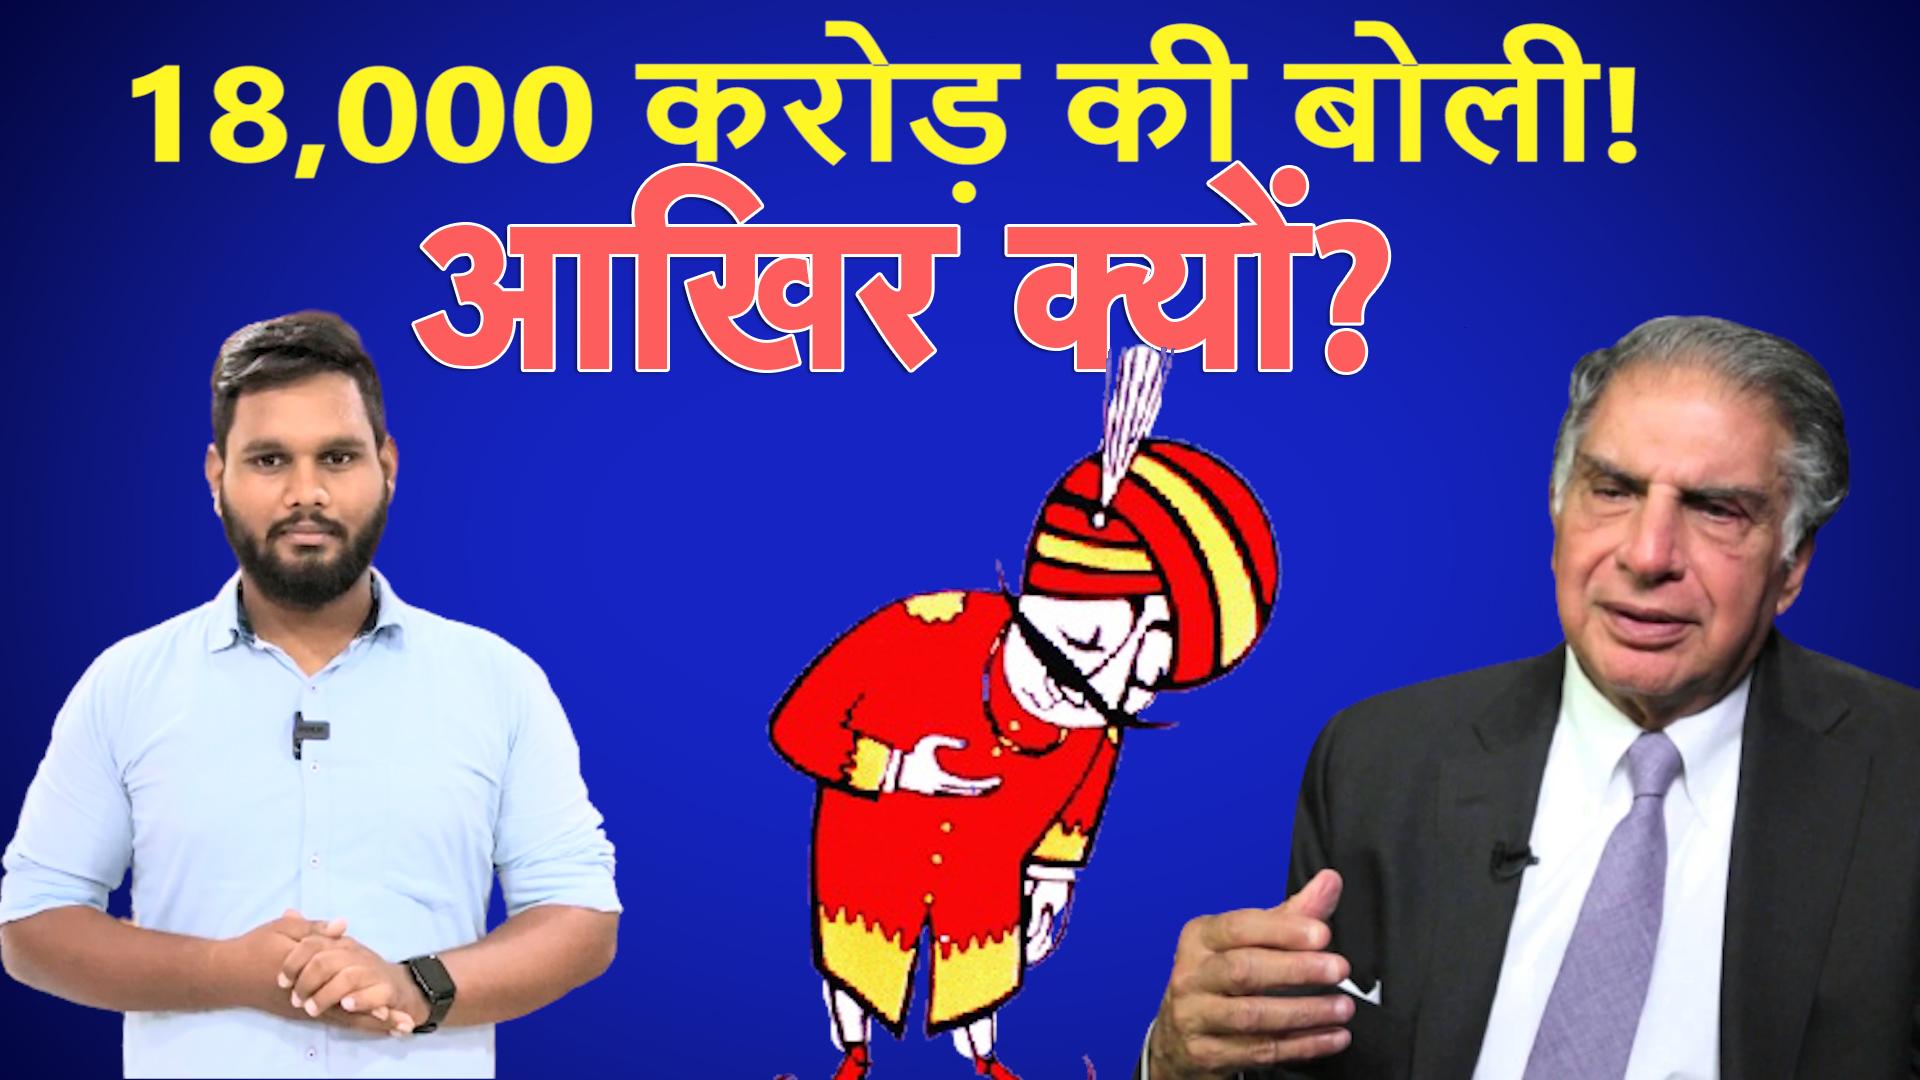 डूबती Air India के लिए क्यों लगाई TATA ने इतनी बड़ी बोली?